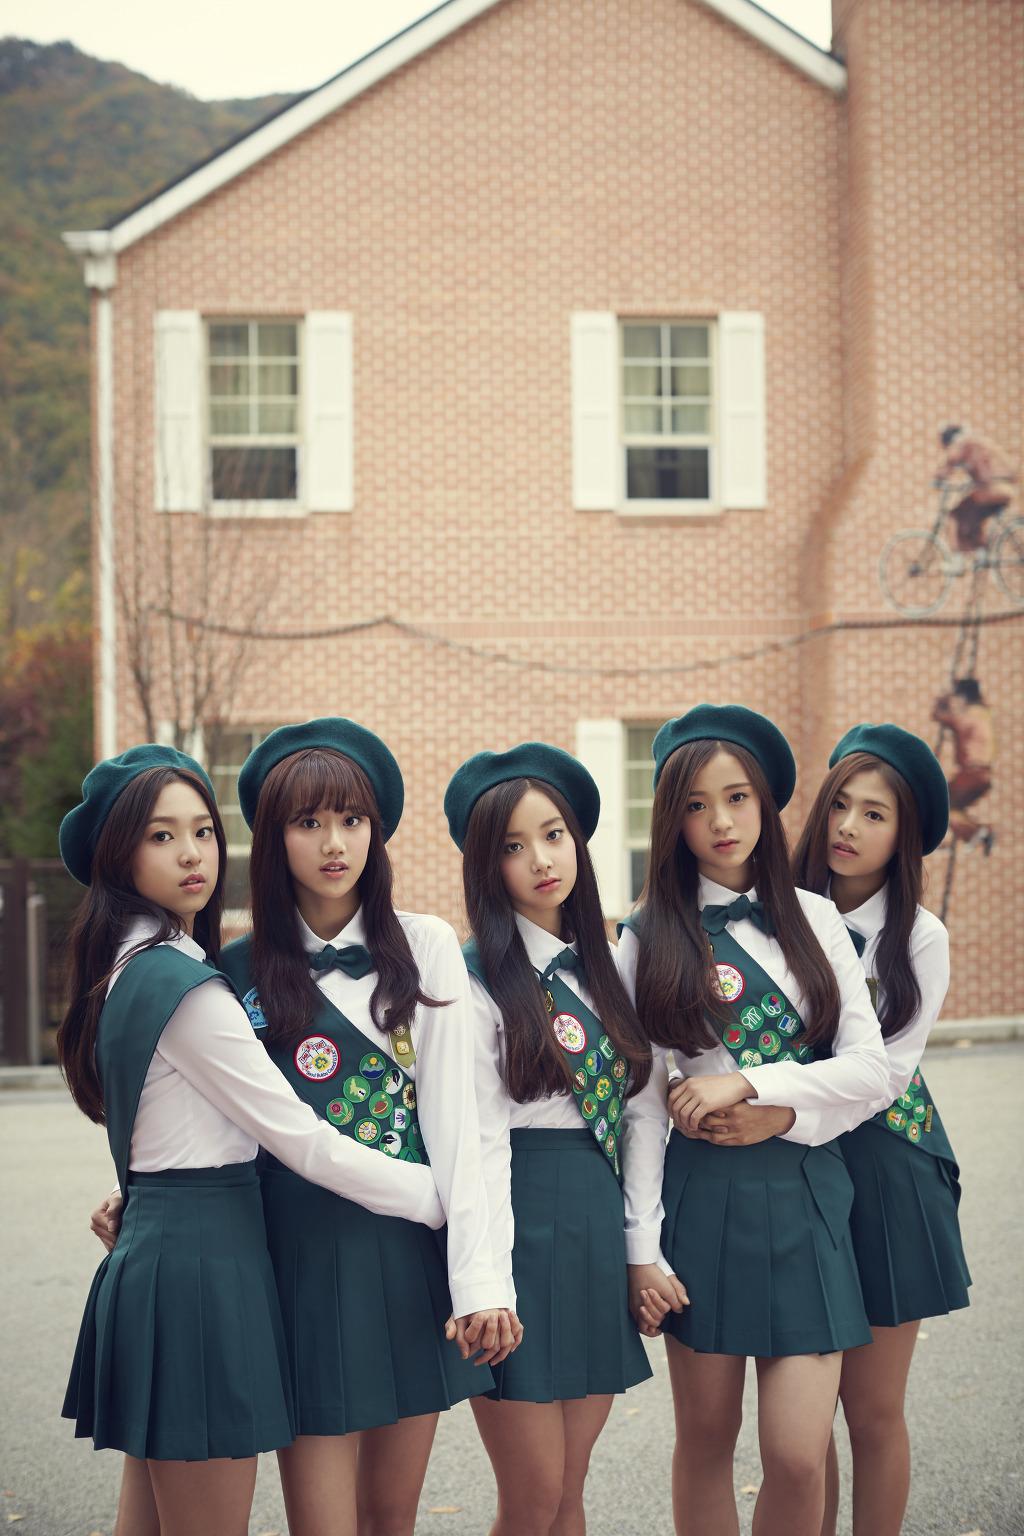 【米国】K-POPの新人女性グループ、空港で身柄を拘束される 売春疑いで[12/11]©2ch.net YouTube動画>22本 ->画像>22枚